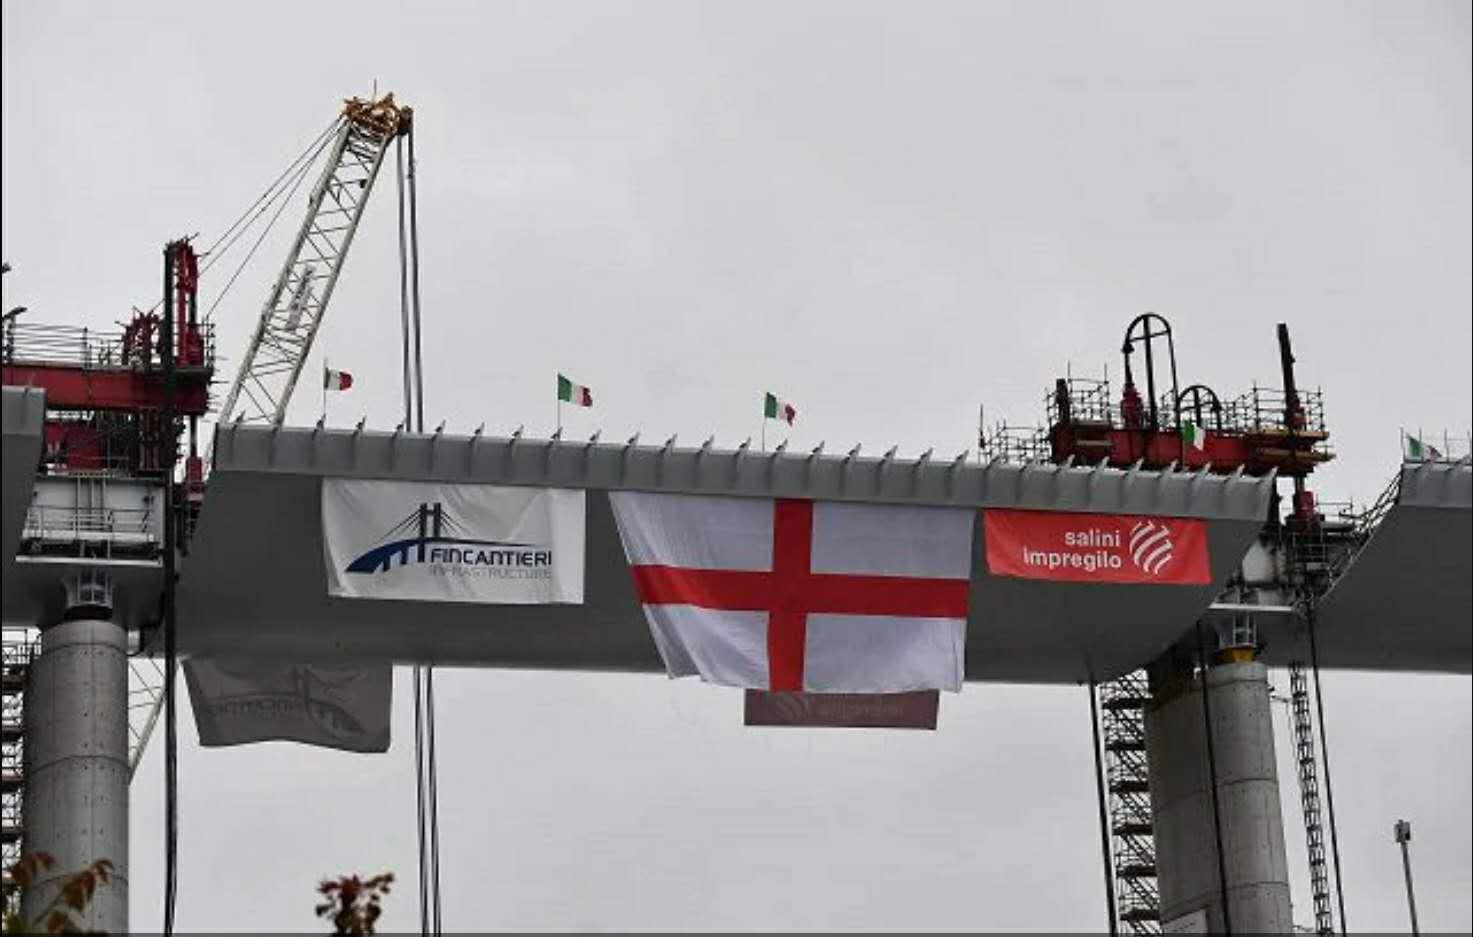 △热那亚大桥重建工程吊装最后一段钢桁梁(图片来源:安莎社)